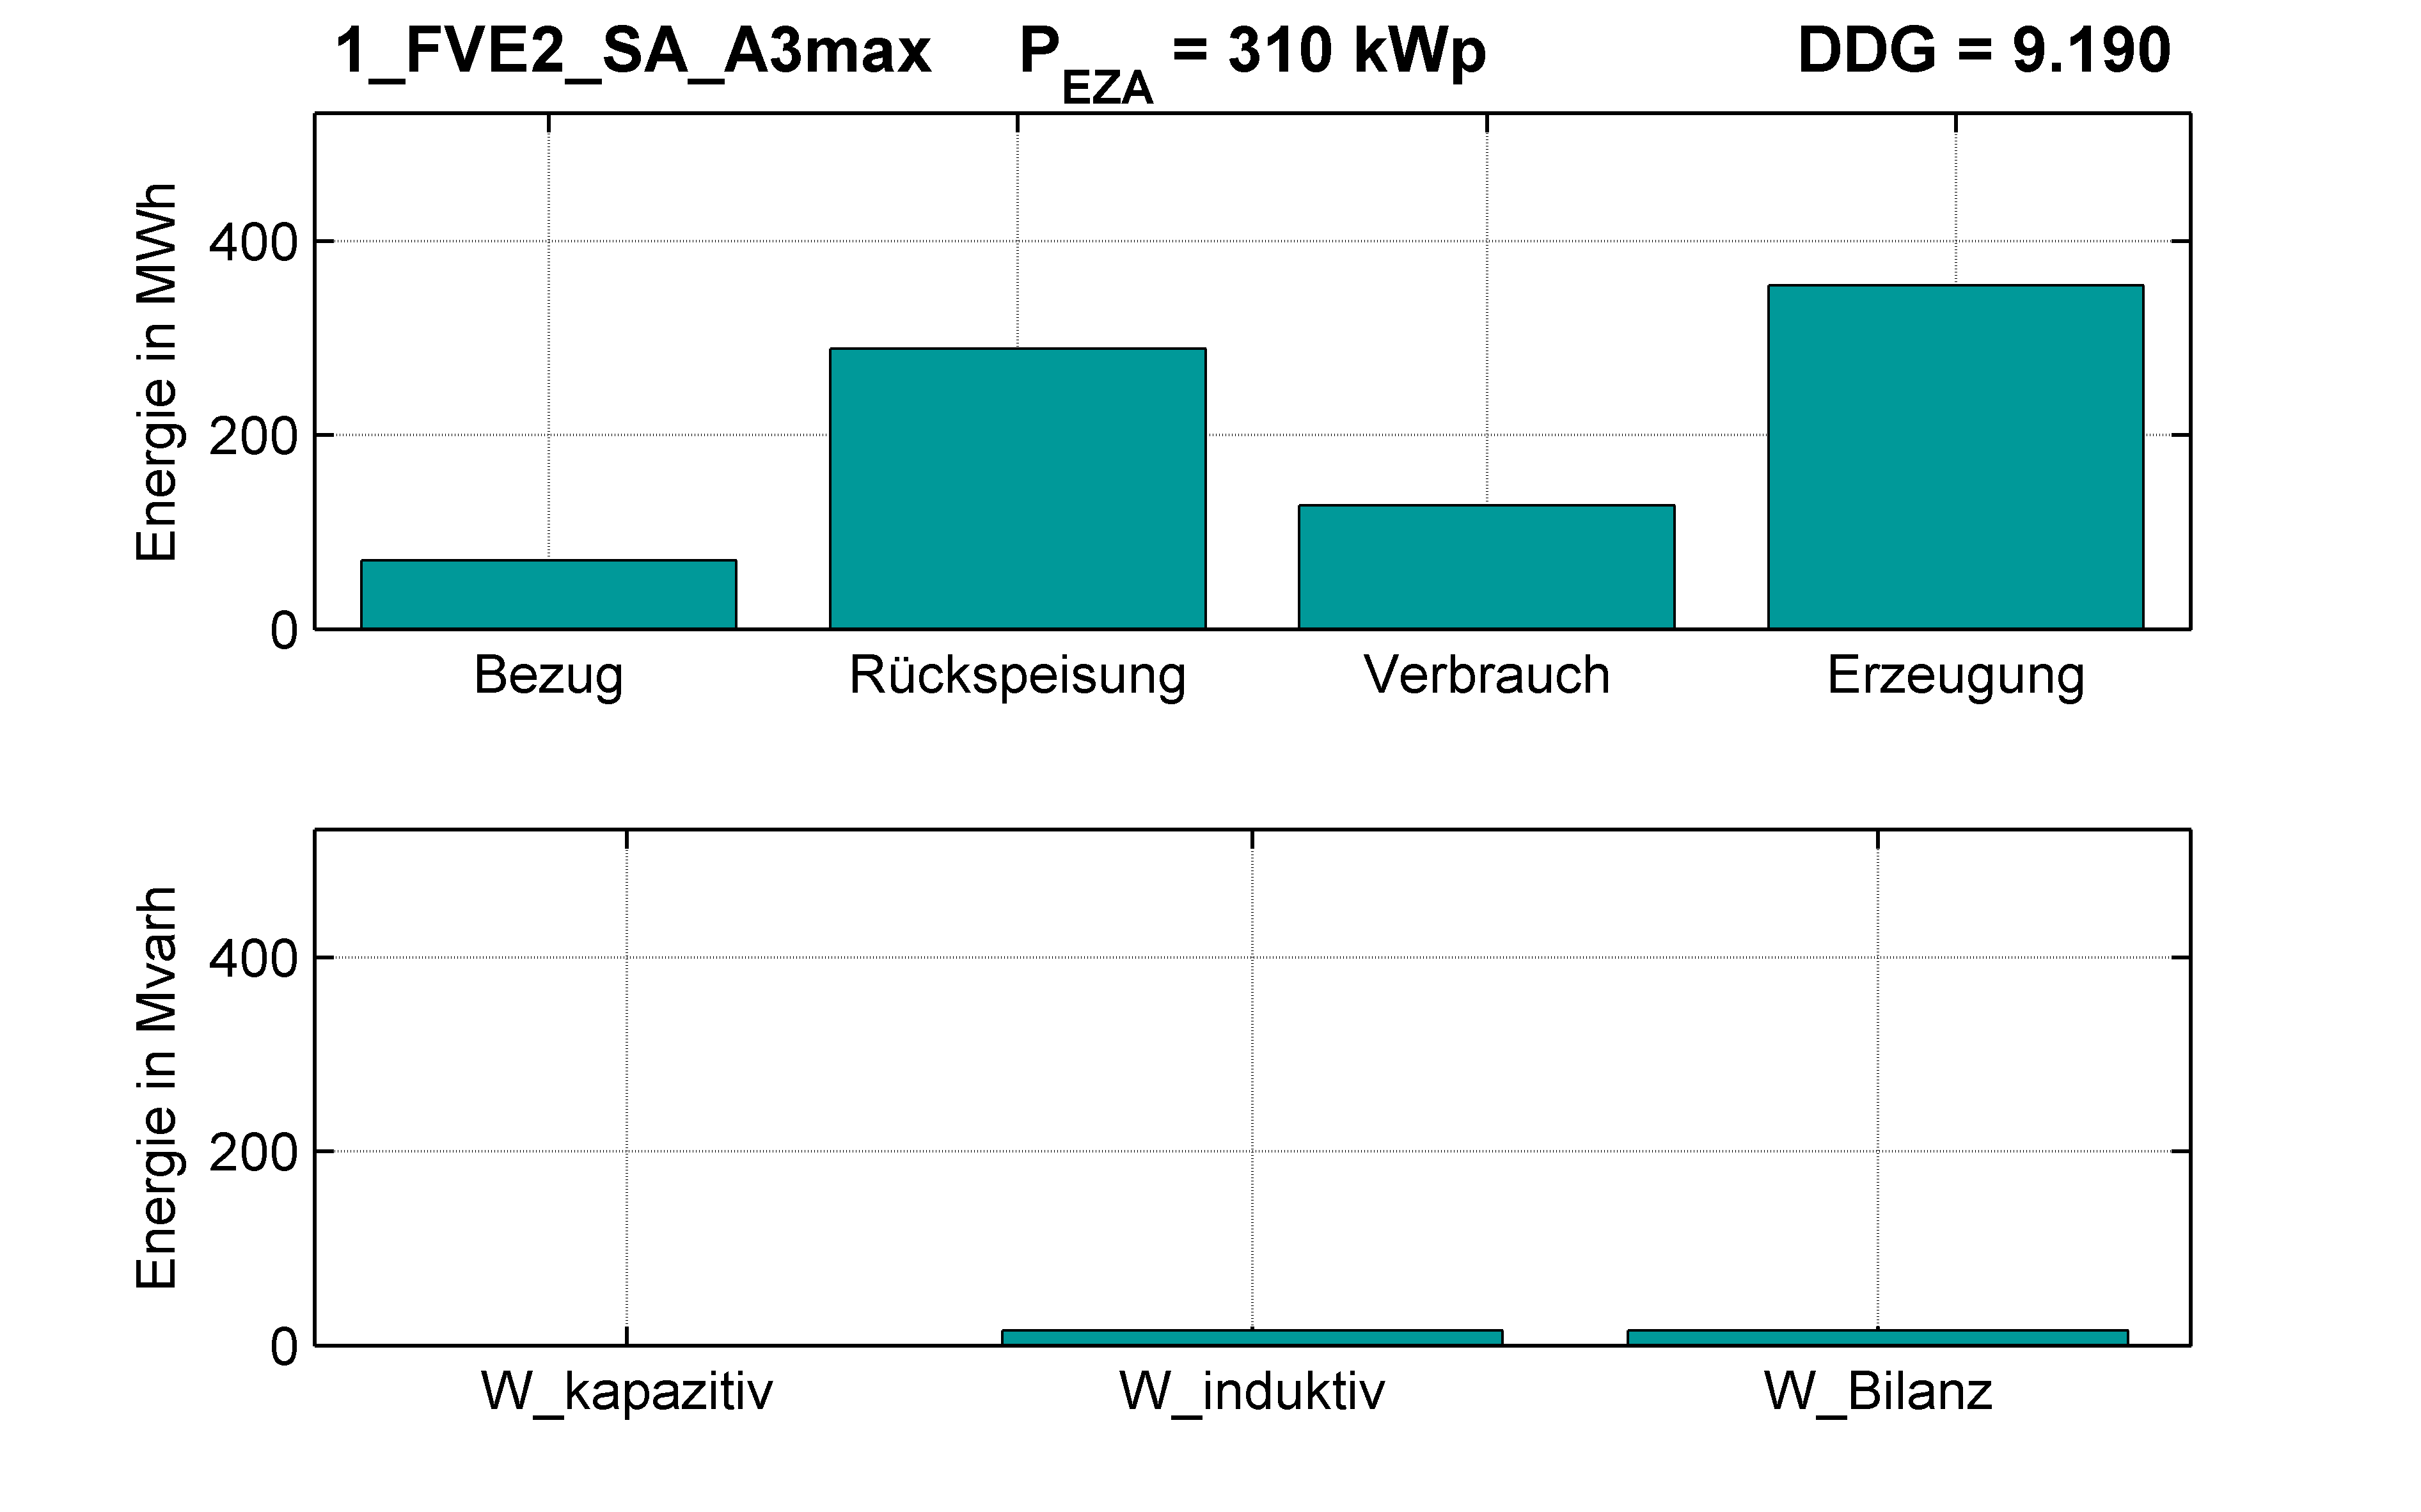 FVE2 | KABEL (SA) A3max | PQ-Bilanz